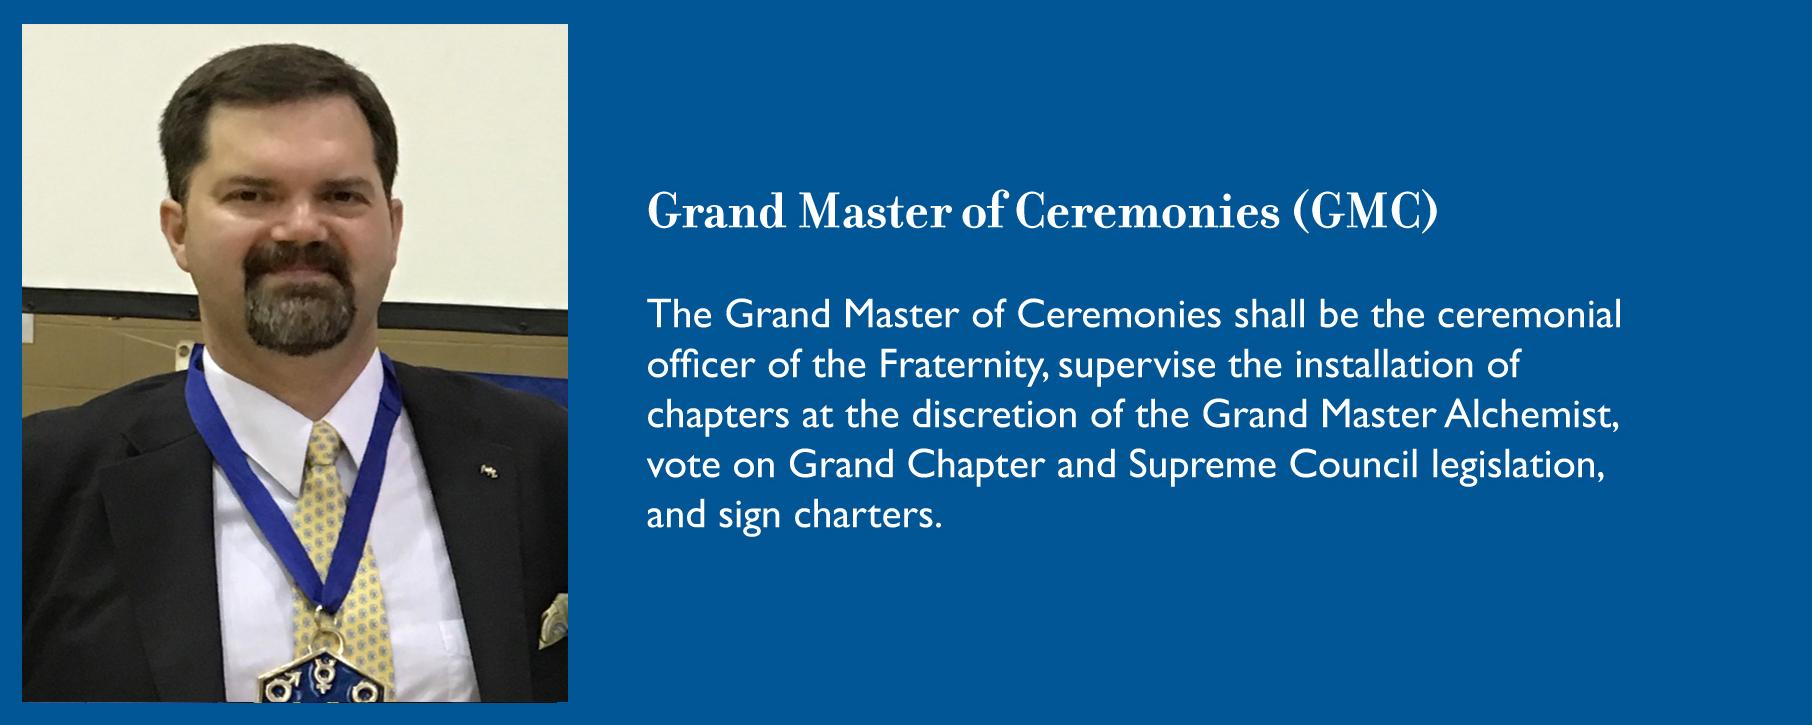 Grand Master of Ceremonies